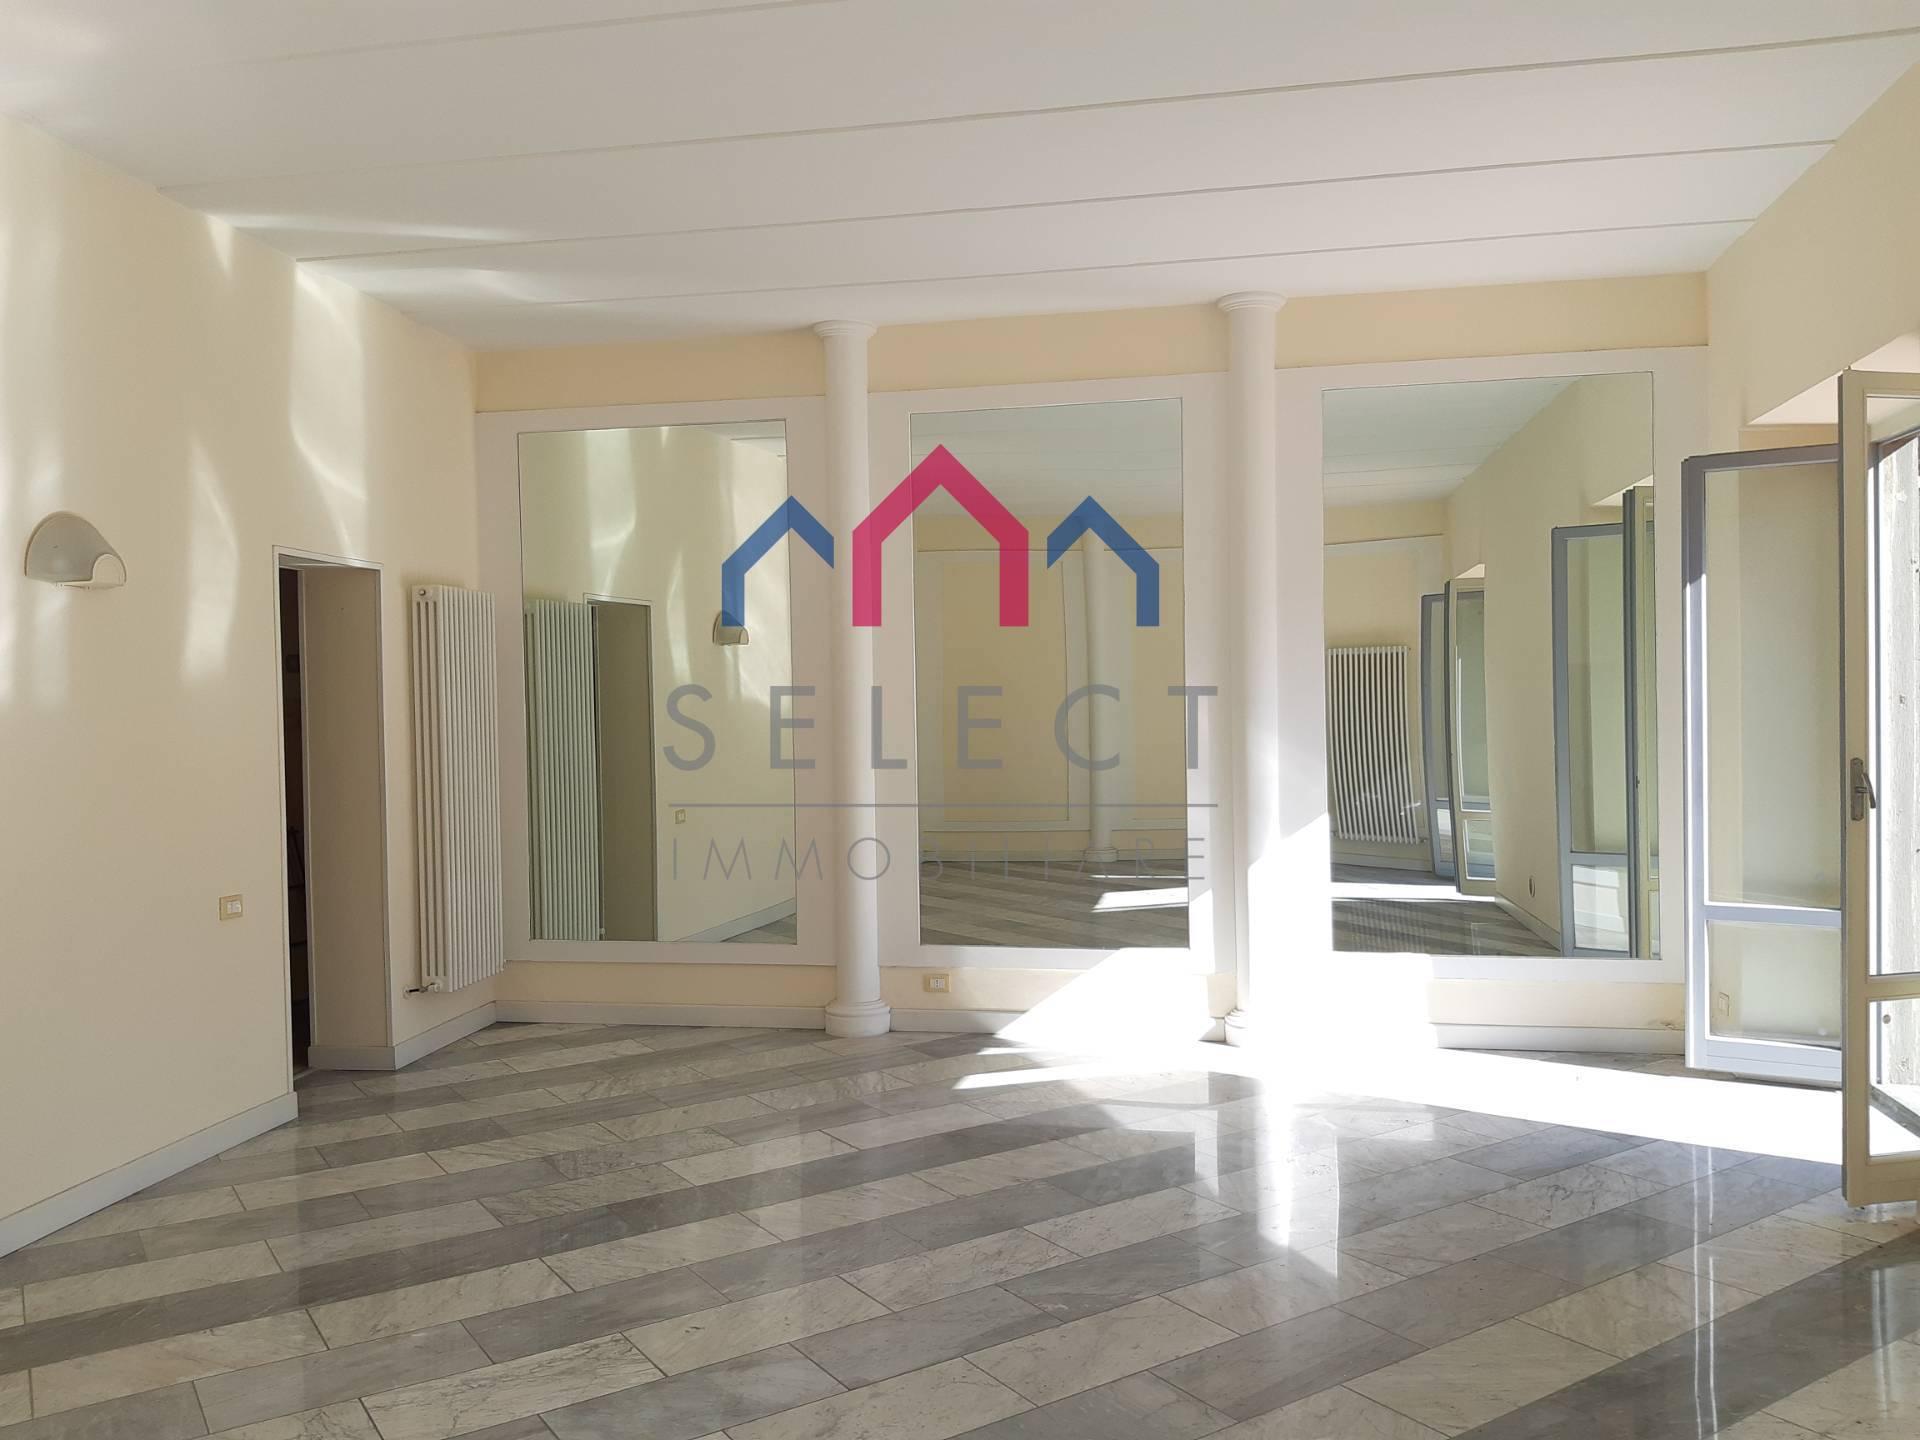 Appartamento in vendita a Borgo a Mozzano, 4 locali, zona Località: capoluogo, prezzo € 135.000   PortaleAgenzieImmobiliari.it